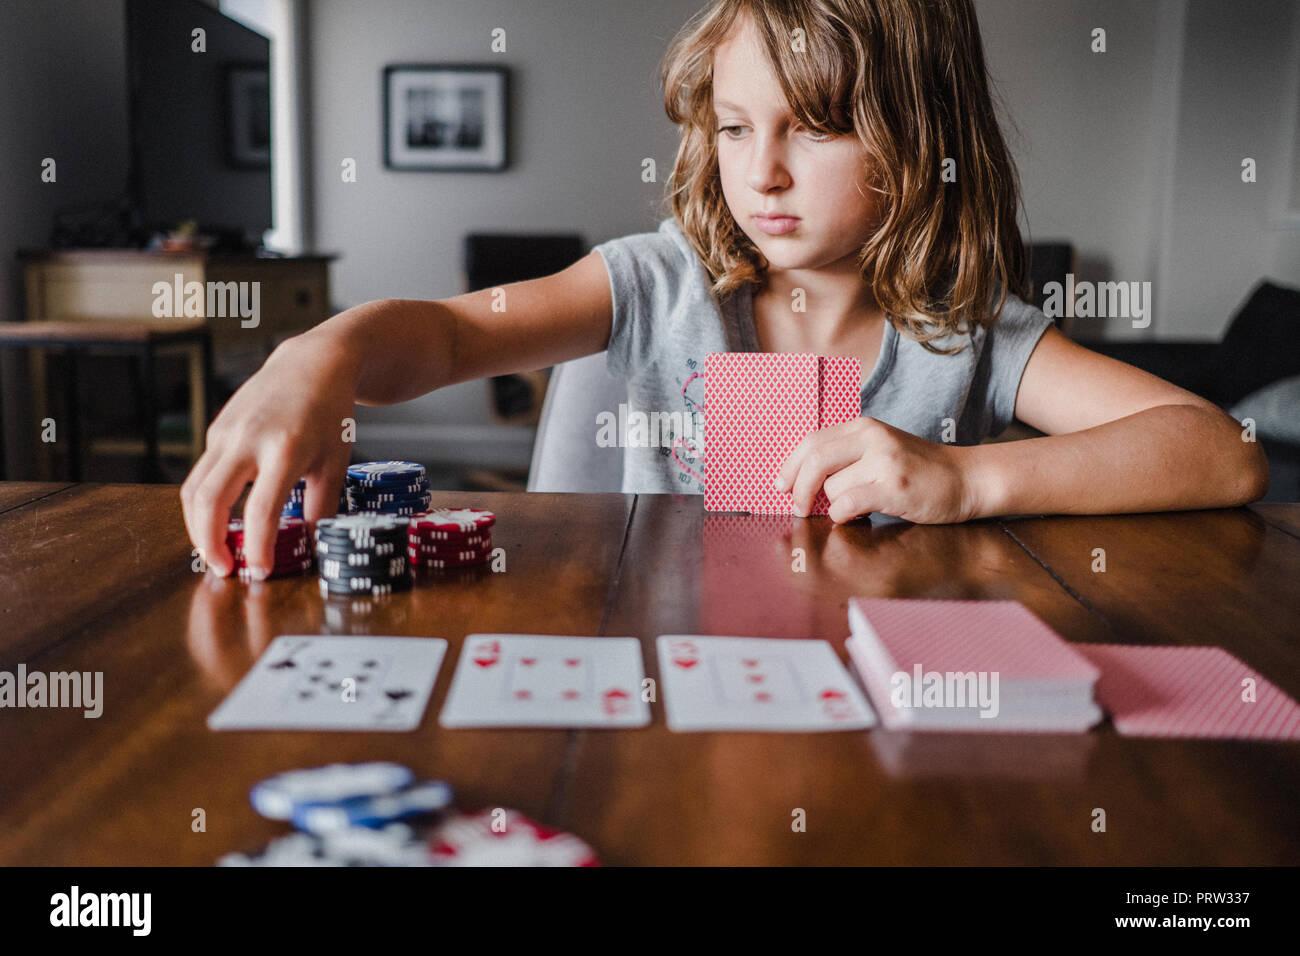 Ragazza giocando a carte in tavola, impilatura fiches Immagini Stock